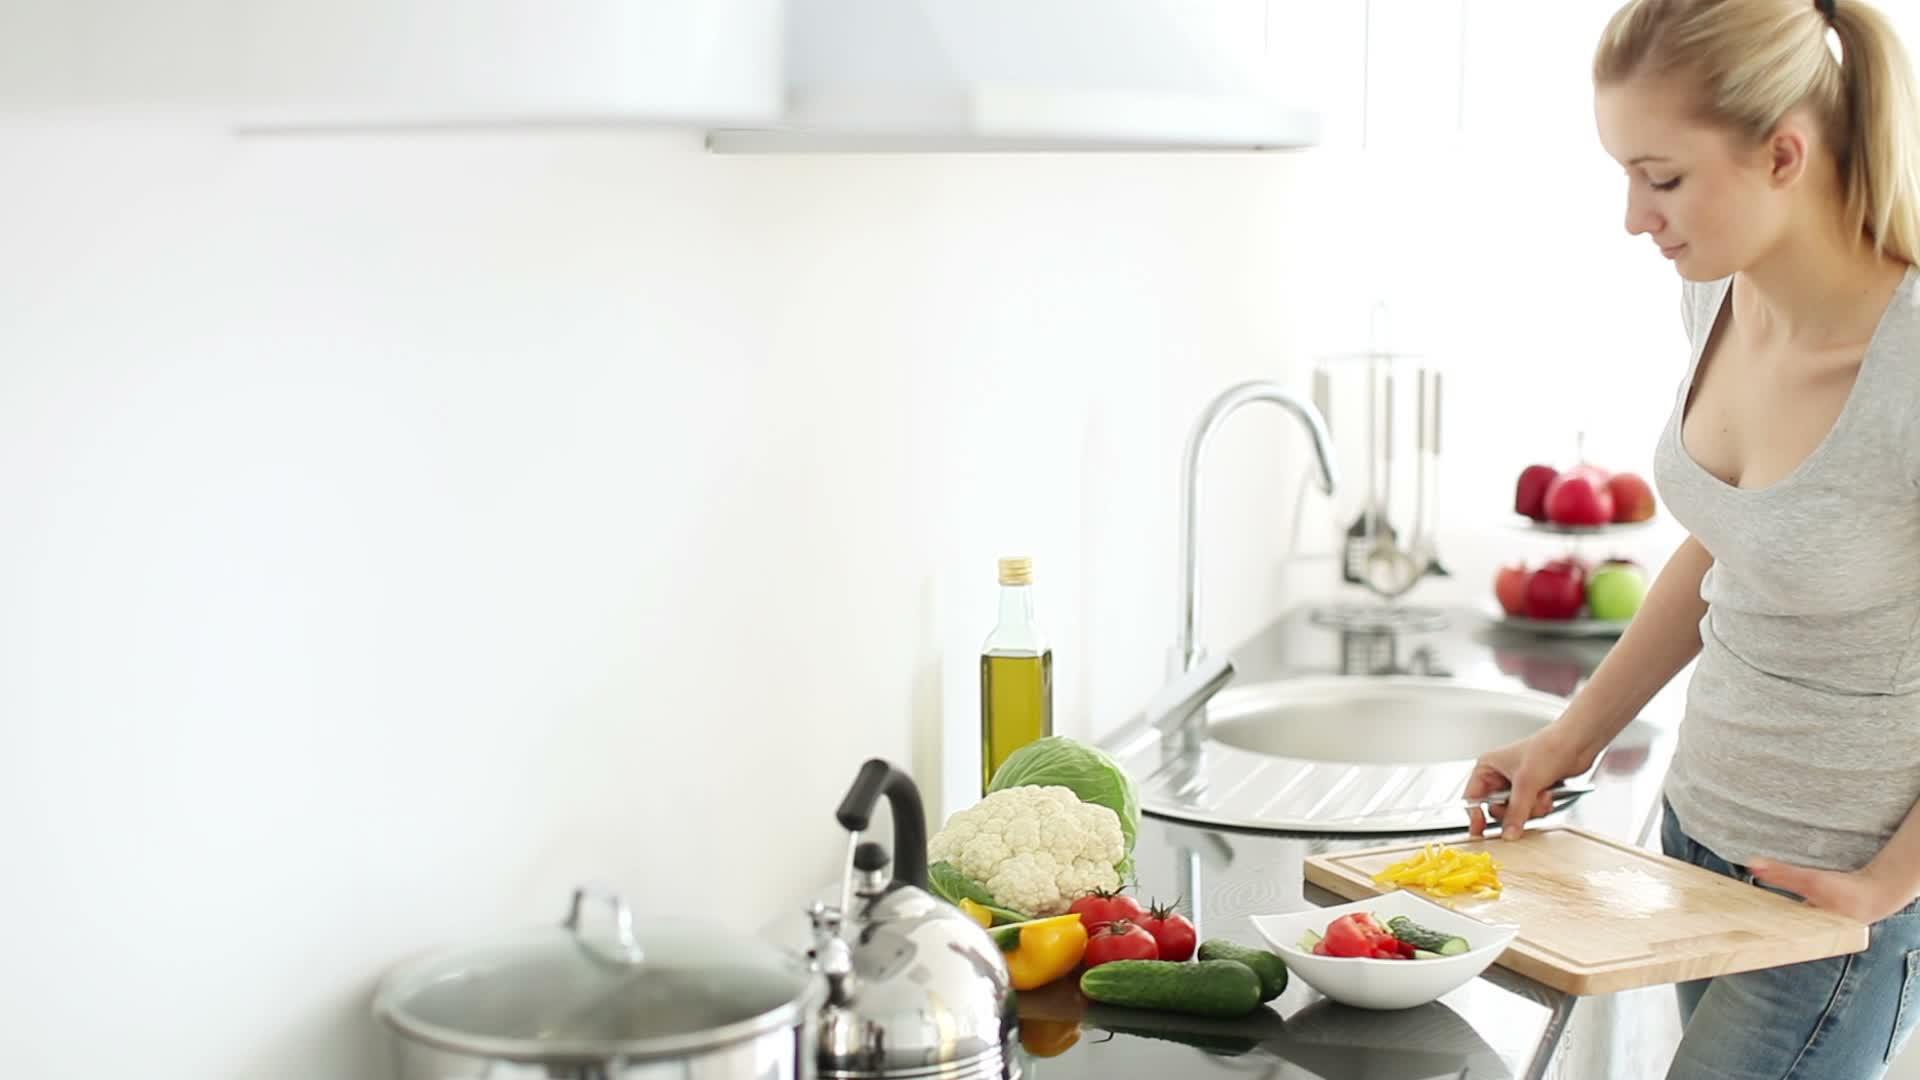 Как готовить на кухне с ребенком.  Ребенок с 6 до 12 месяцев